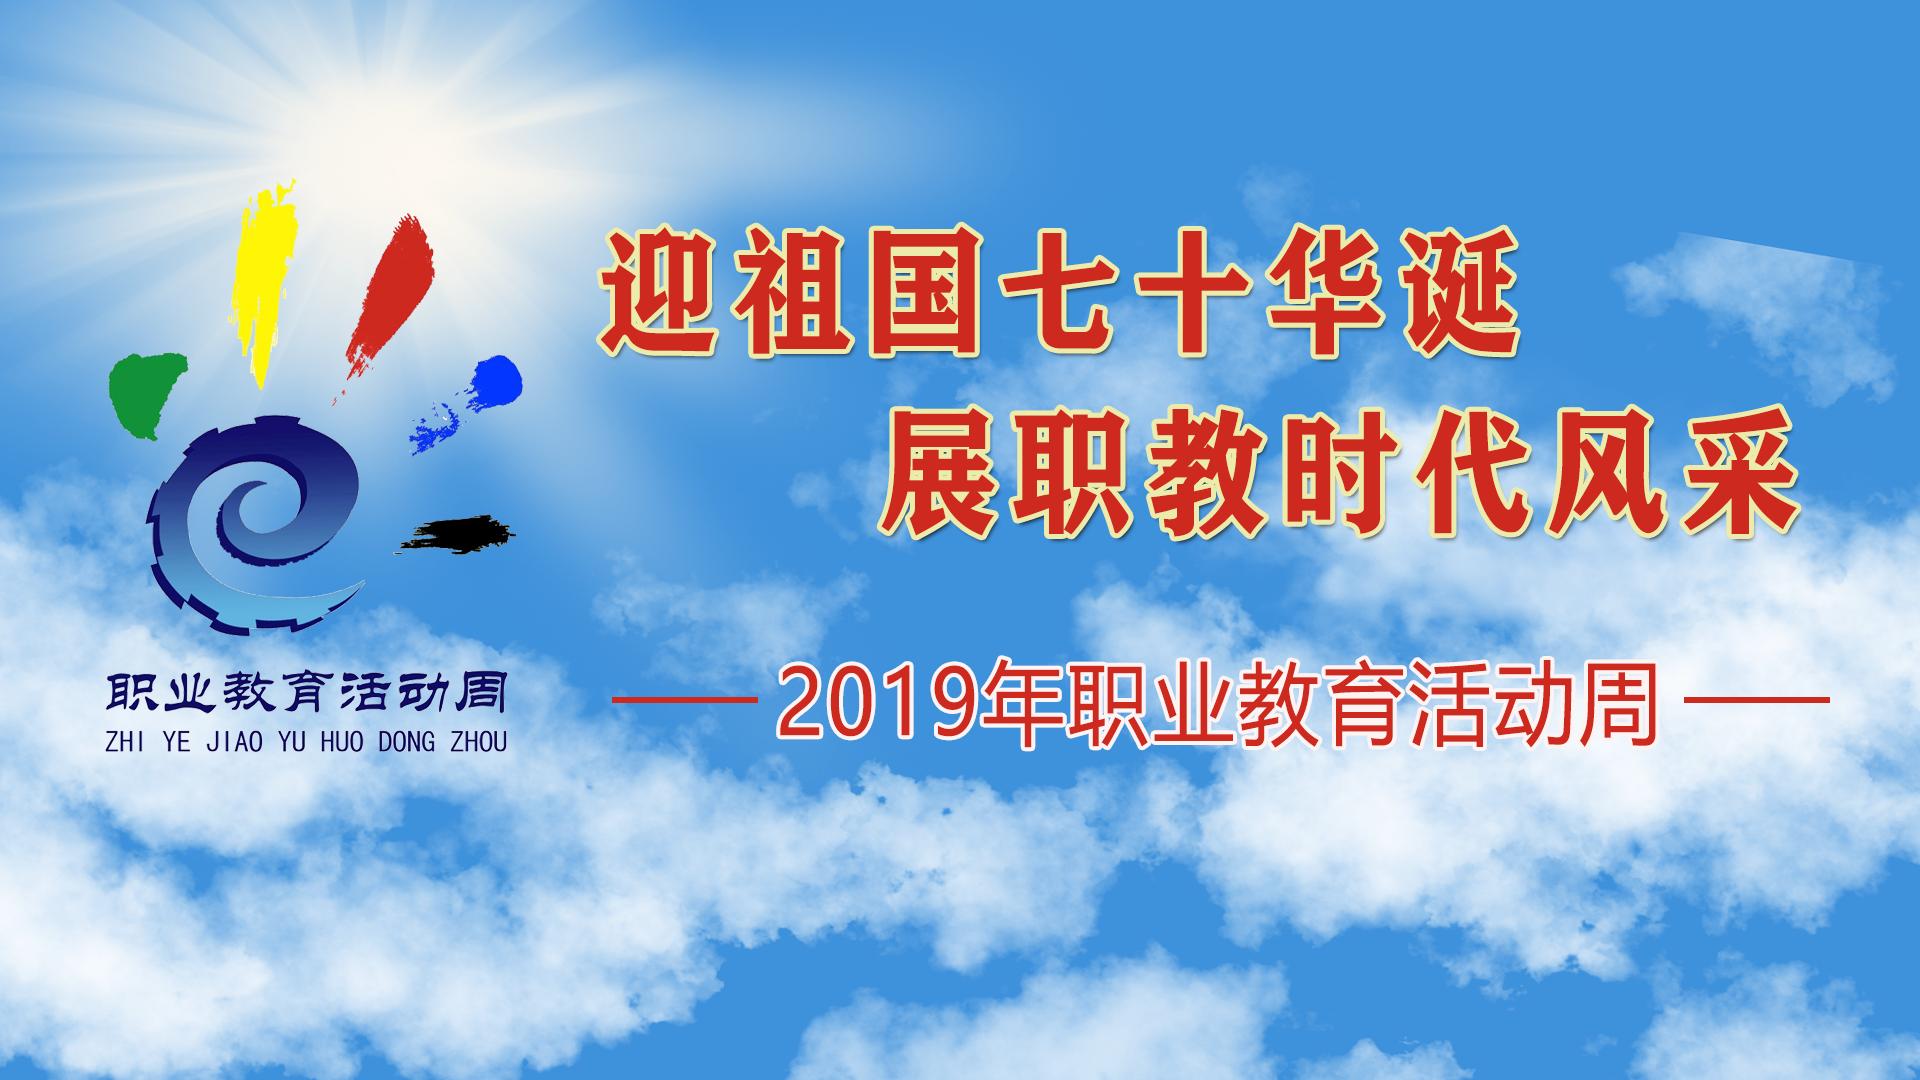 2019年职业教育活动周:迎祖国七十华诞 展职教时代风采